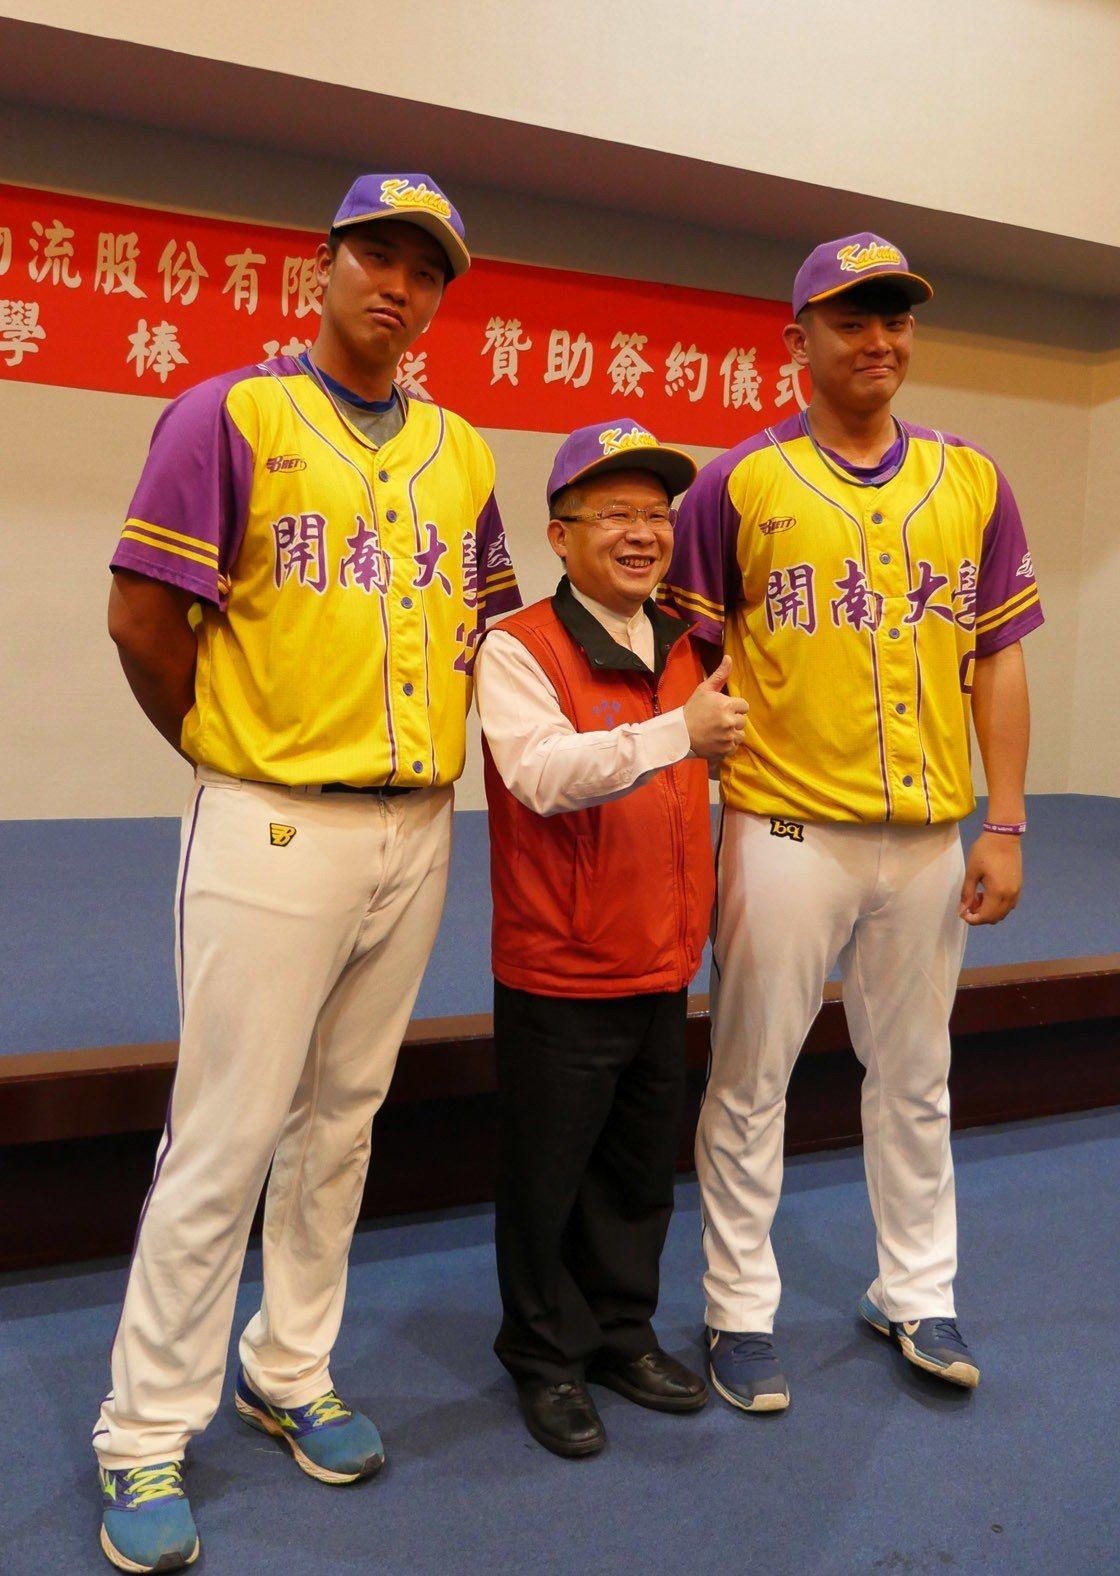 華碩國際聯合物流公司董事長周國福(中)因身高被暱稱「百九(190)」,與開大棒球...